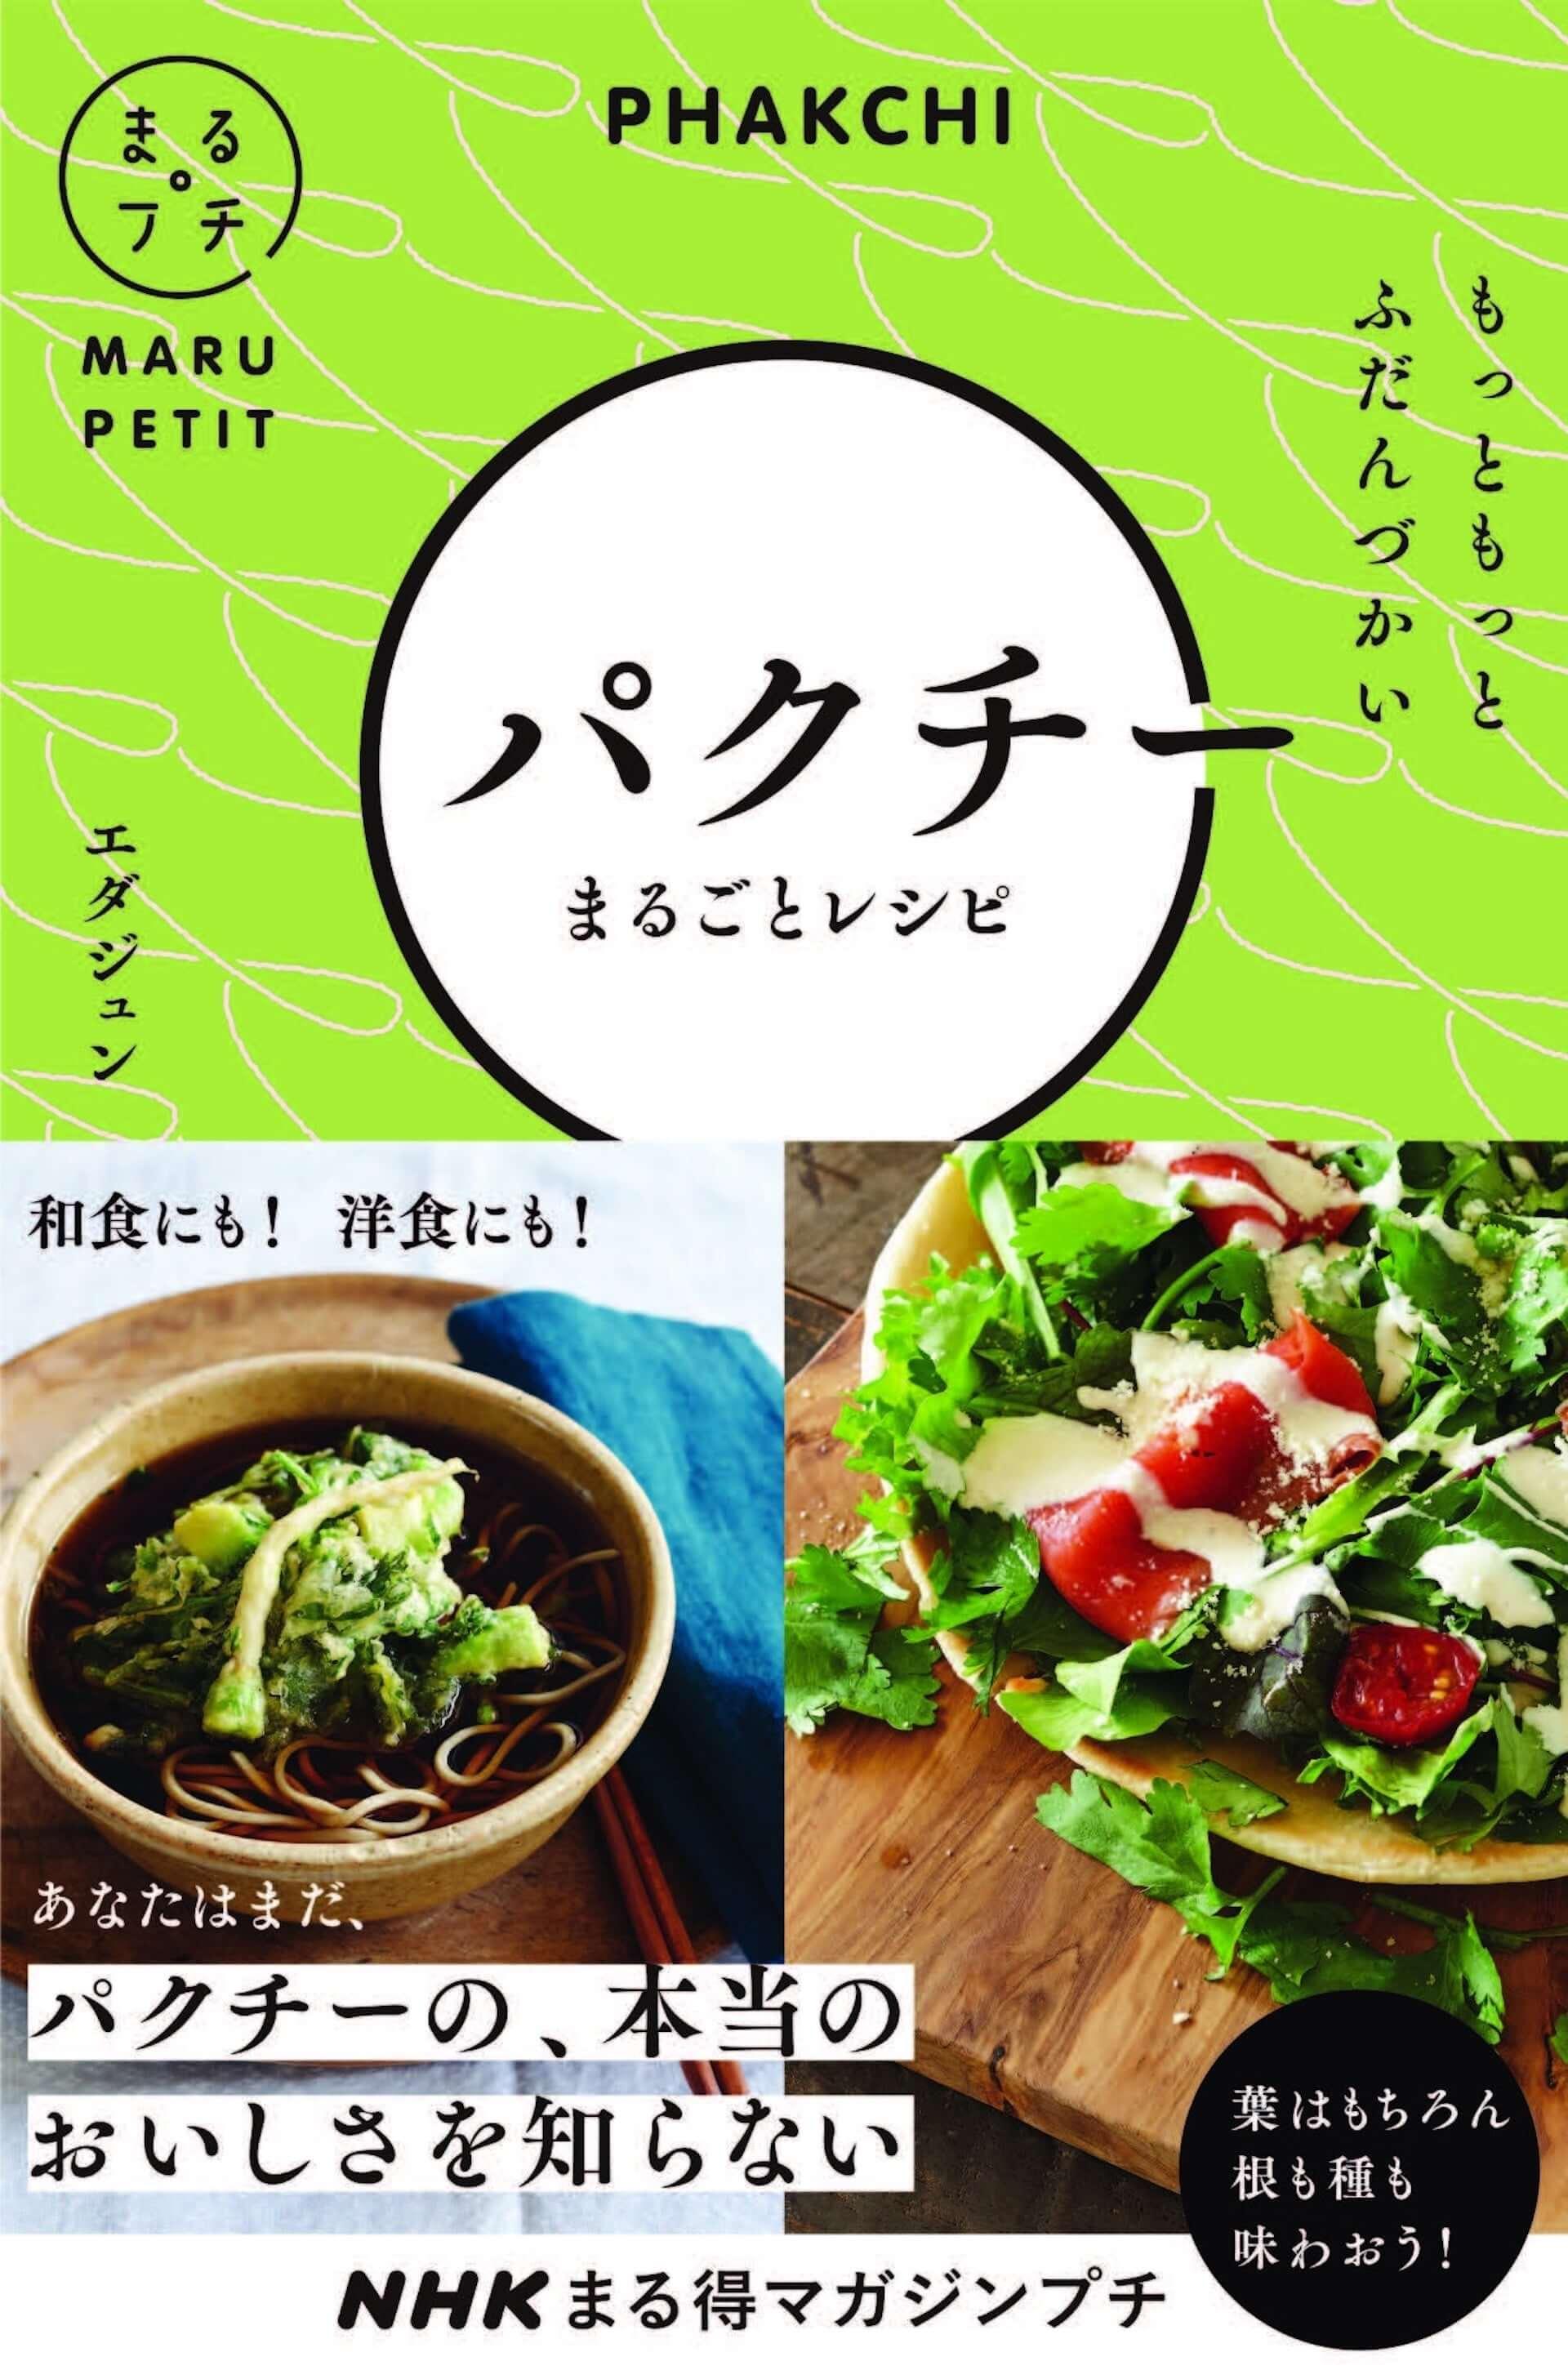 パクチーが和食、洋食、中華に大変身!?パクチー料理研究家・エダジュンが提案する『パクチーまるごとレシピ』がNHK出版から発売 gourmet200622_phakchi_recipe_1-1920x2913